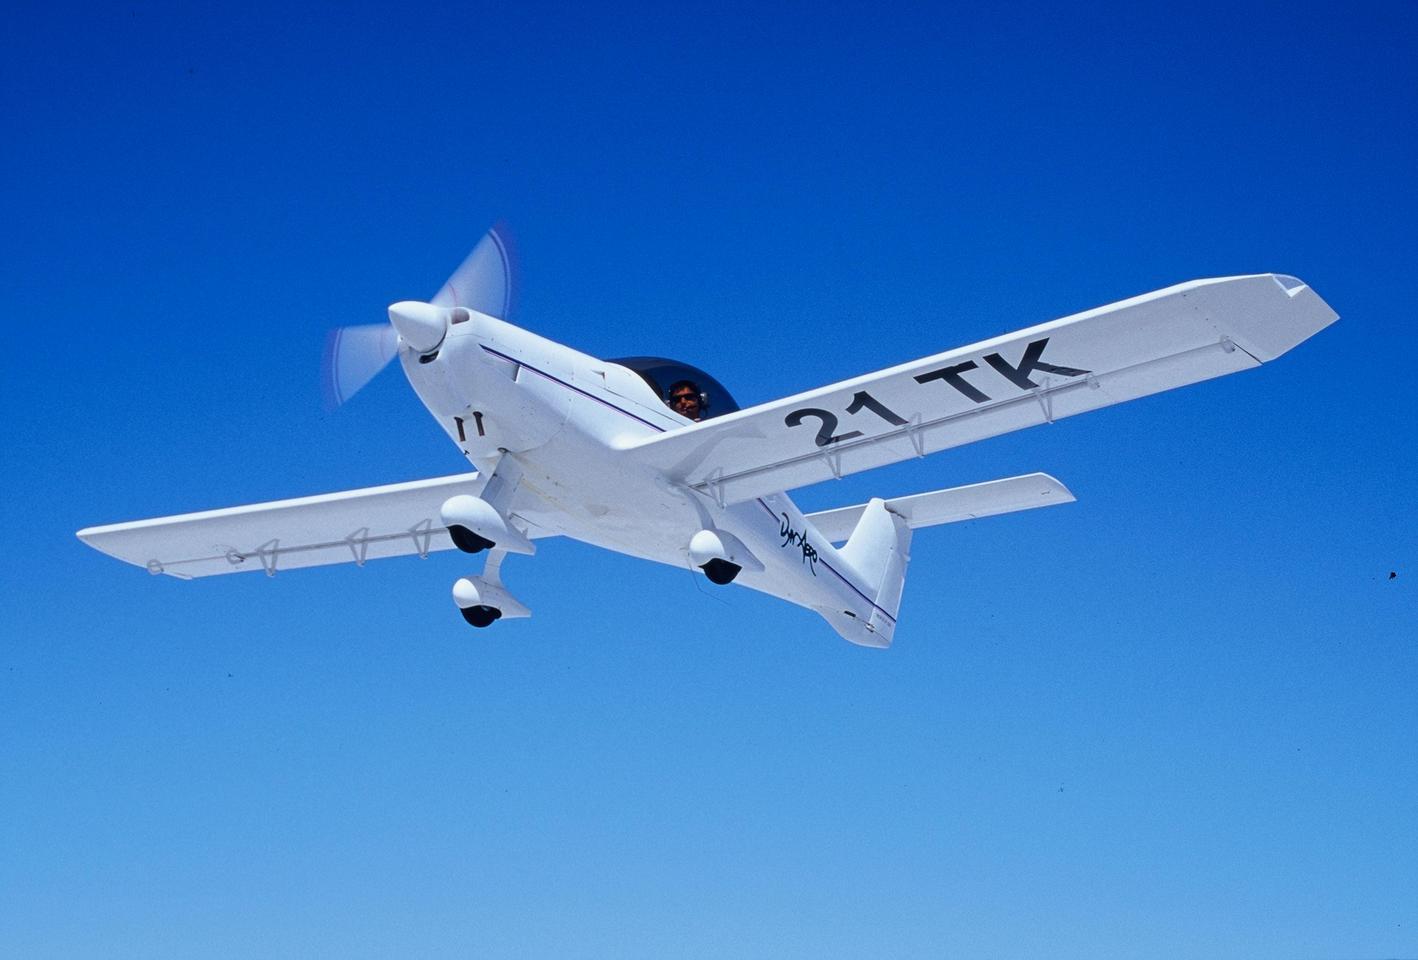 Dyn'Aero's MCR UL aircraft